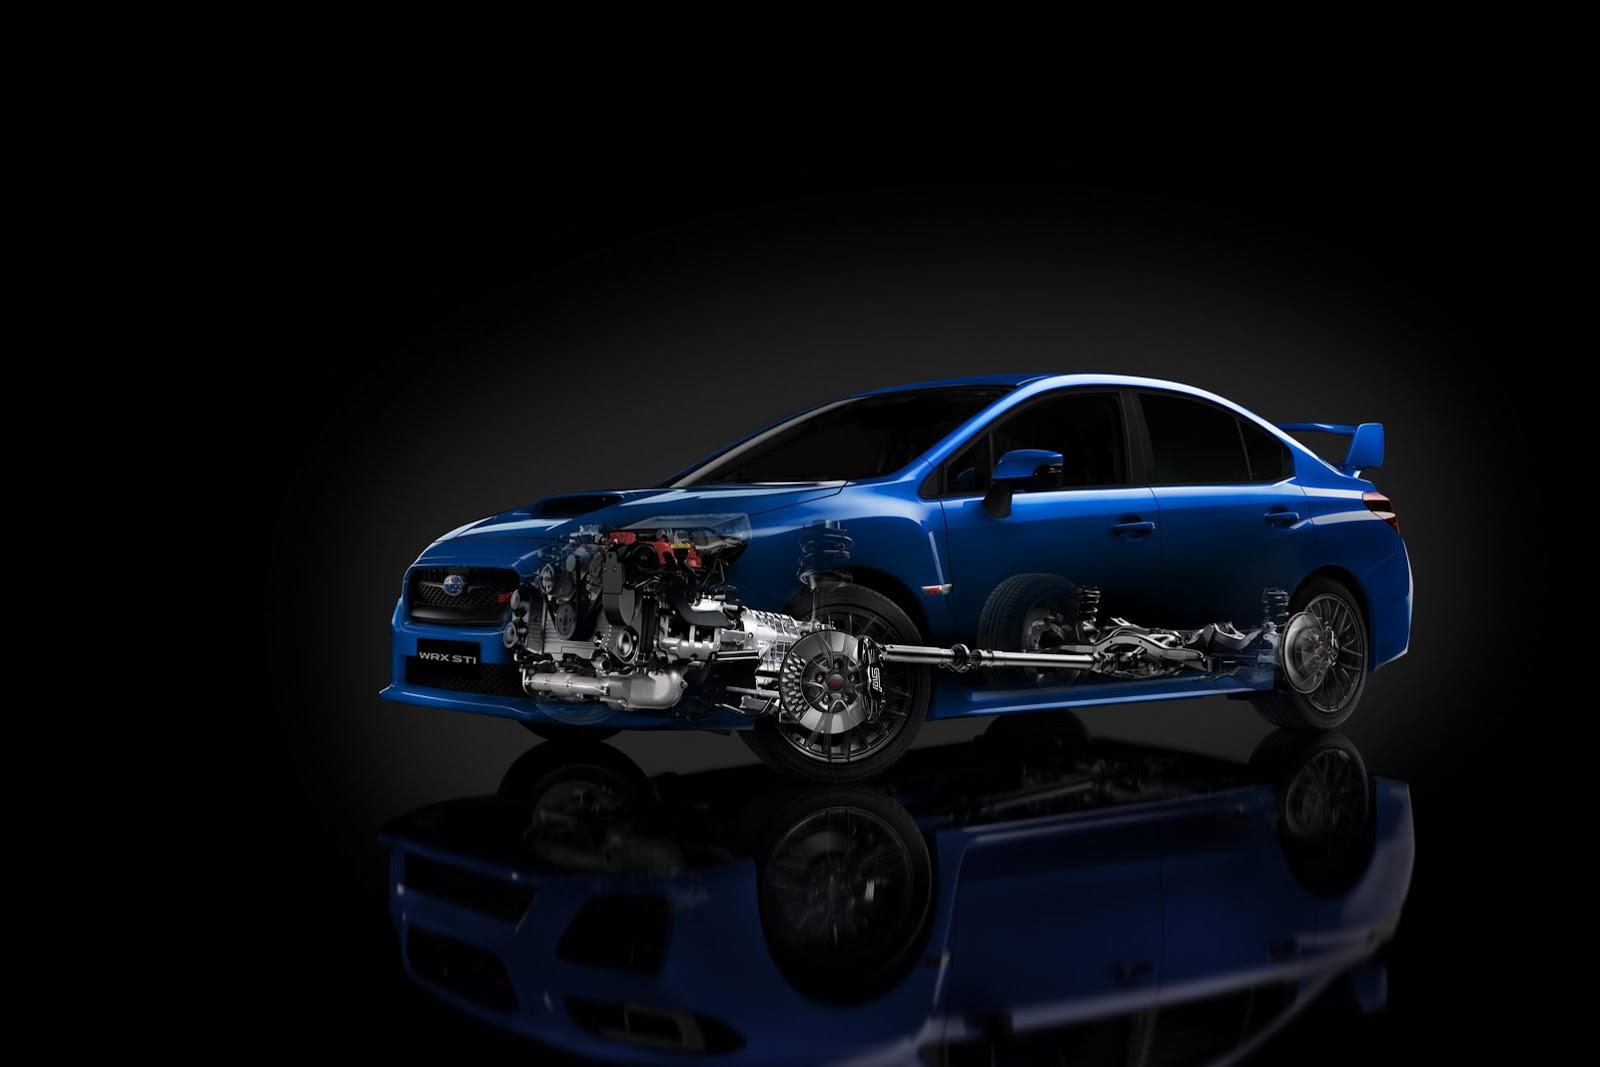 Subaru-WRX-STI-2015-20